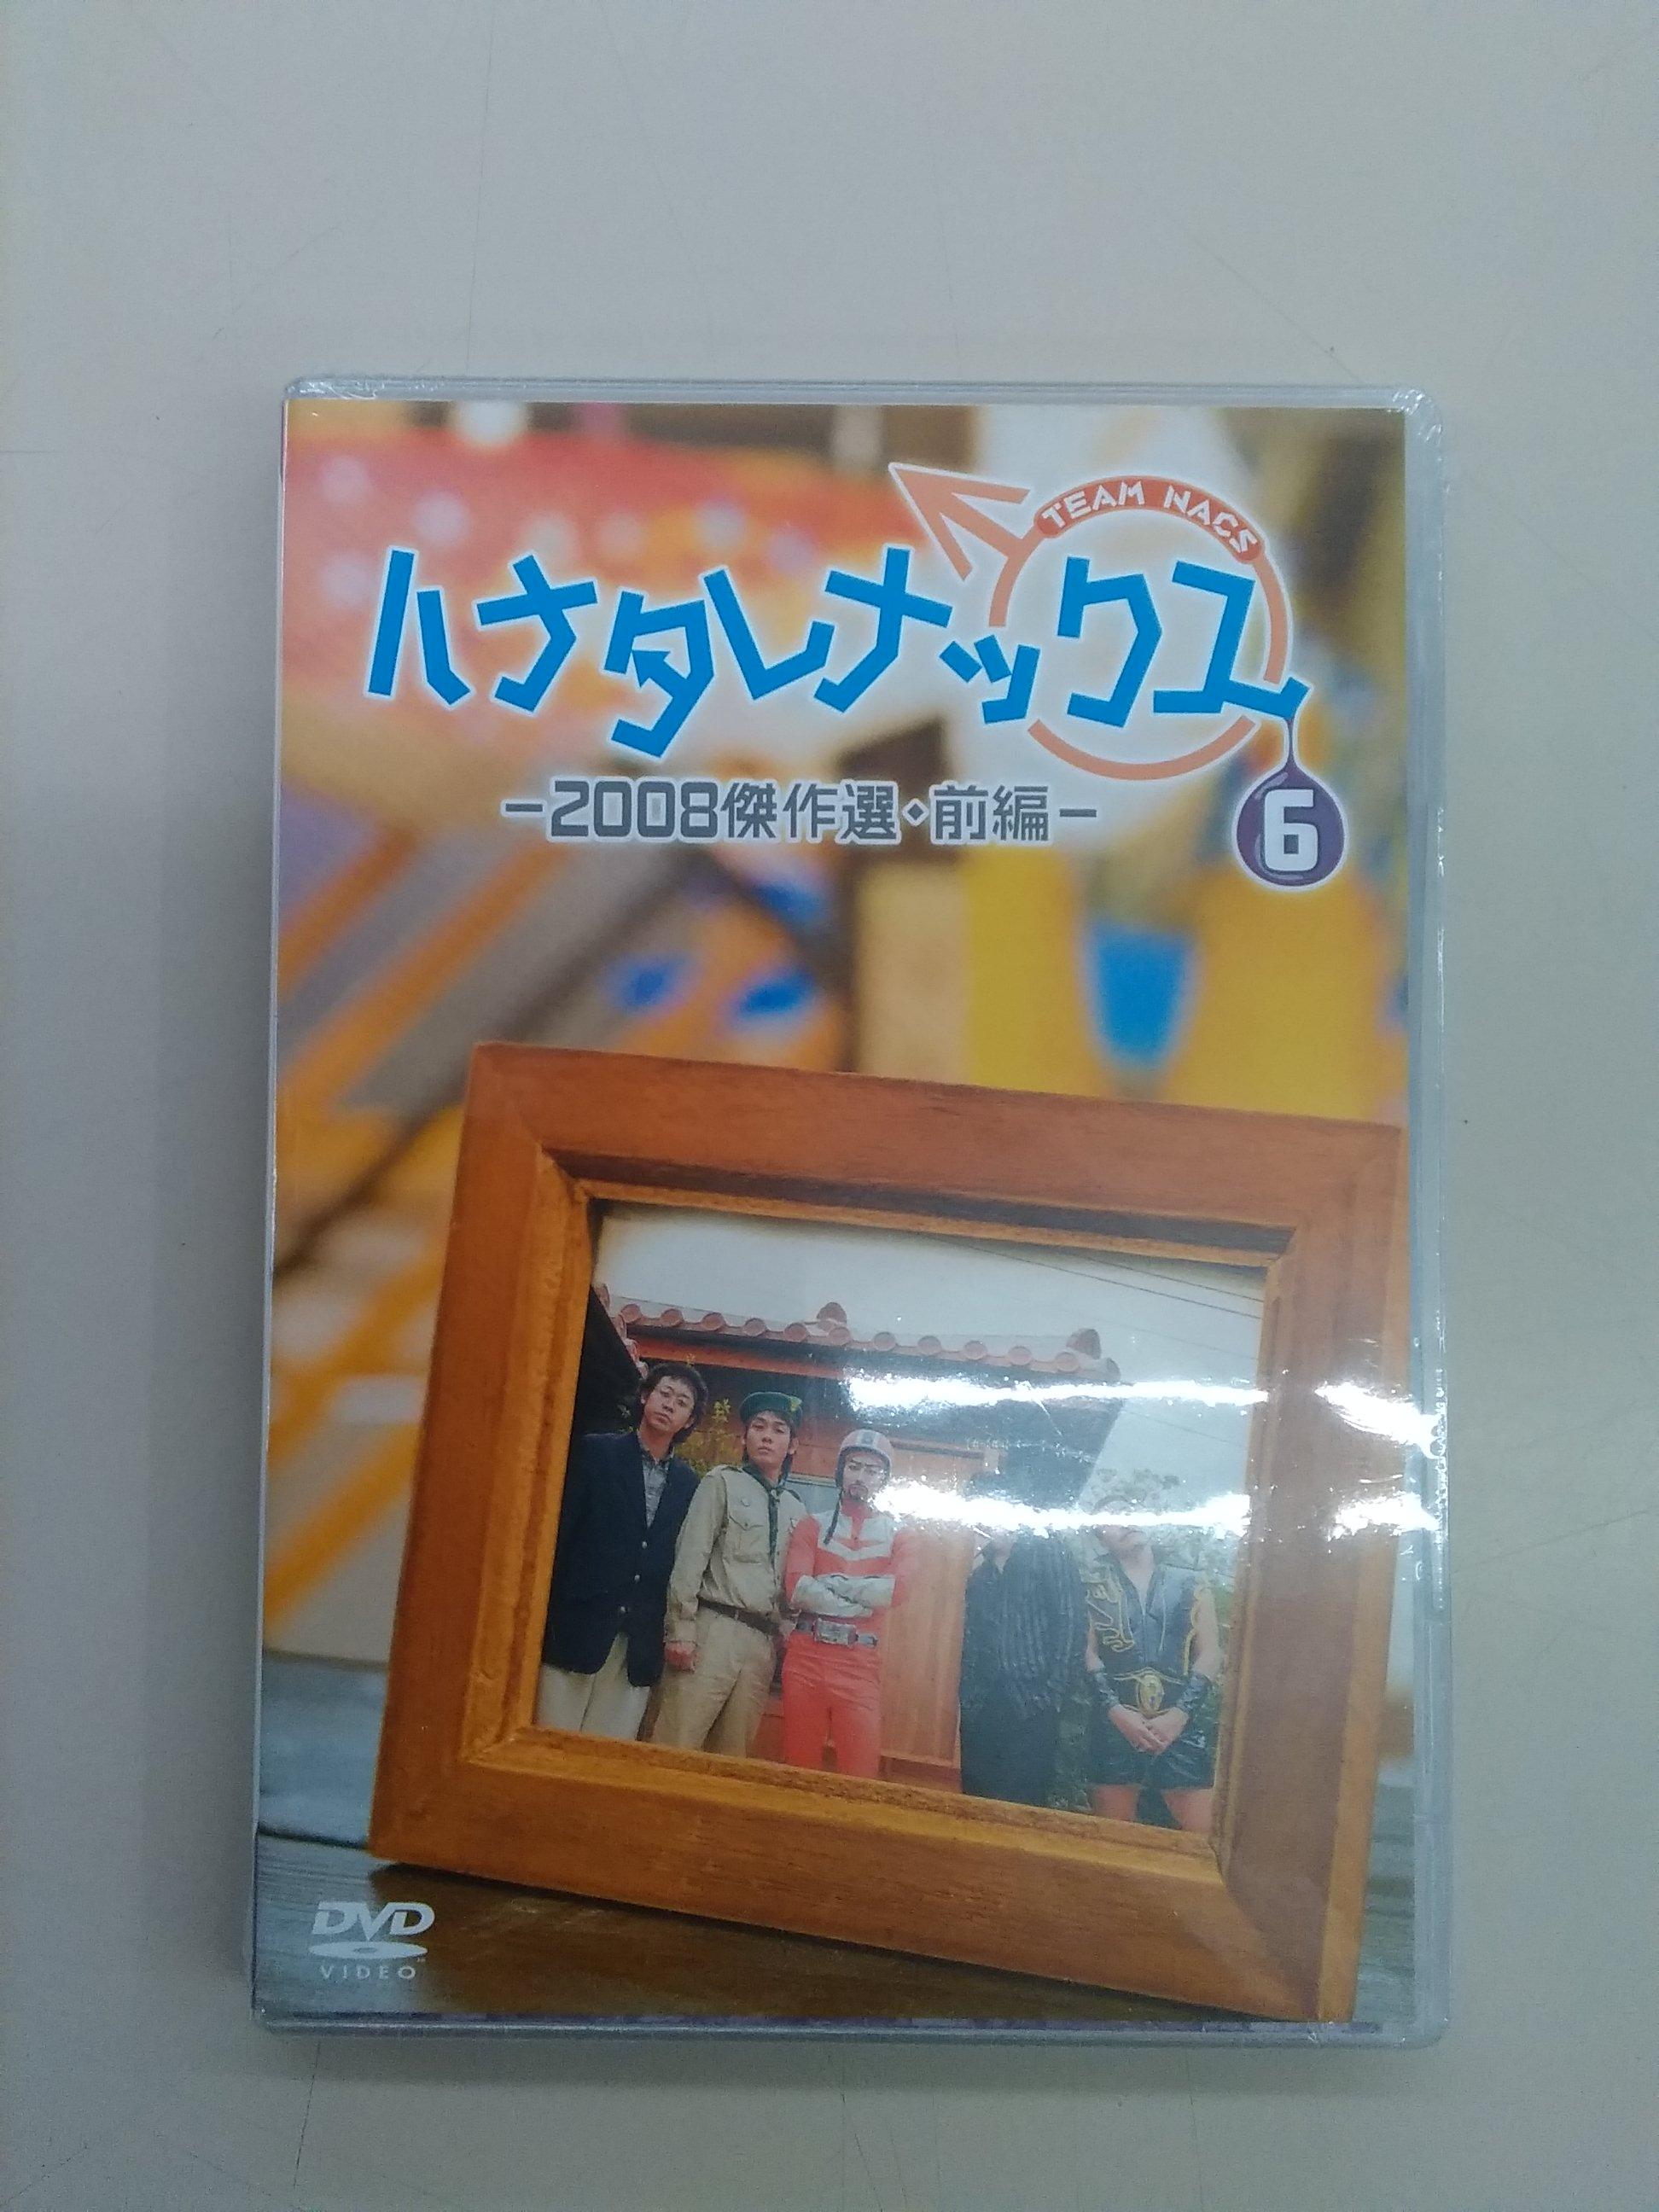 ハナタレナックス6 2008年傑作選 前編|北海道テレビ